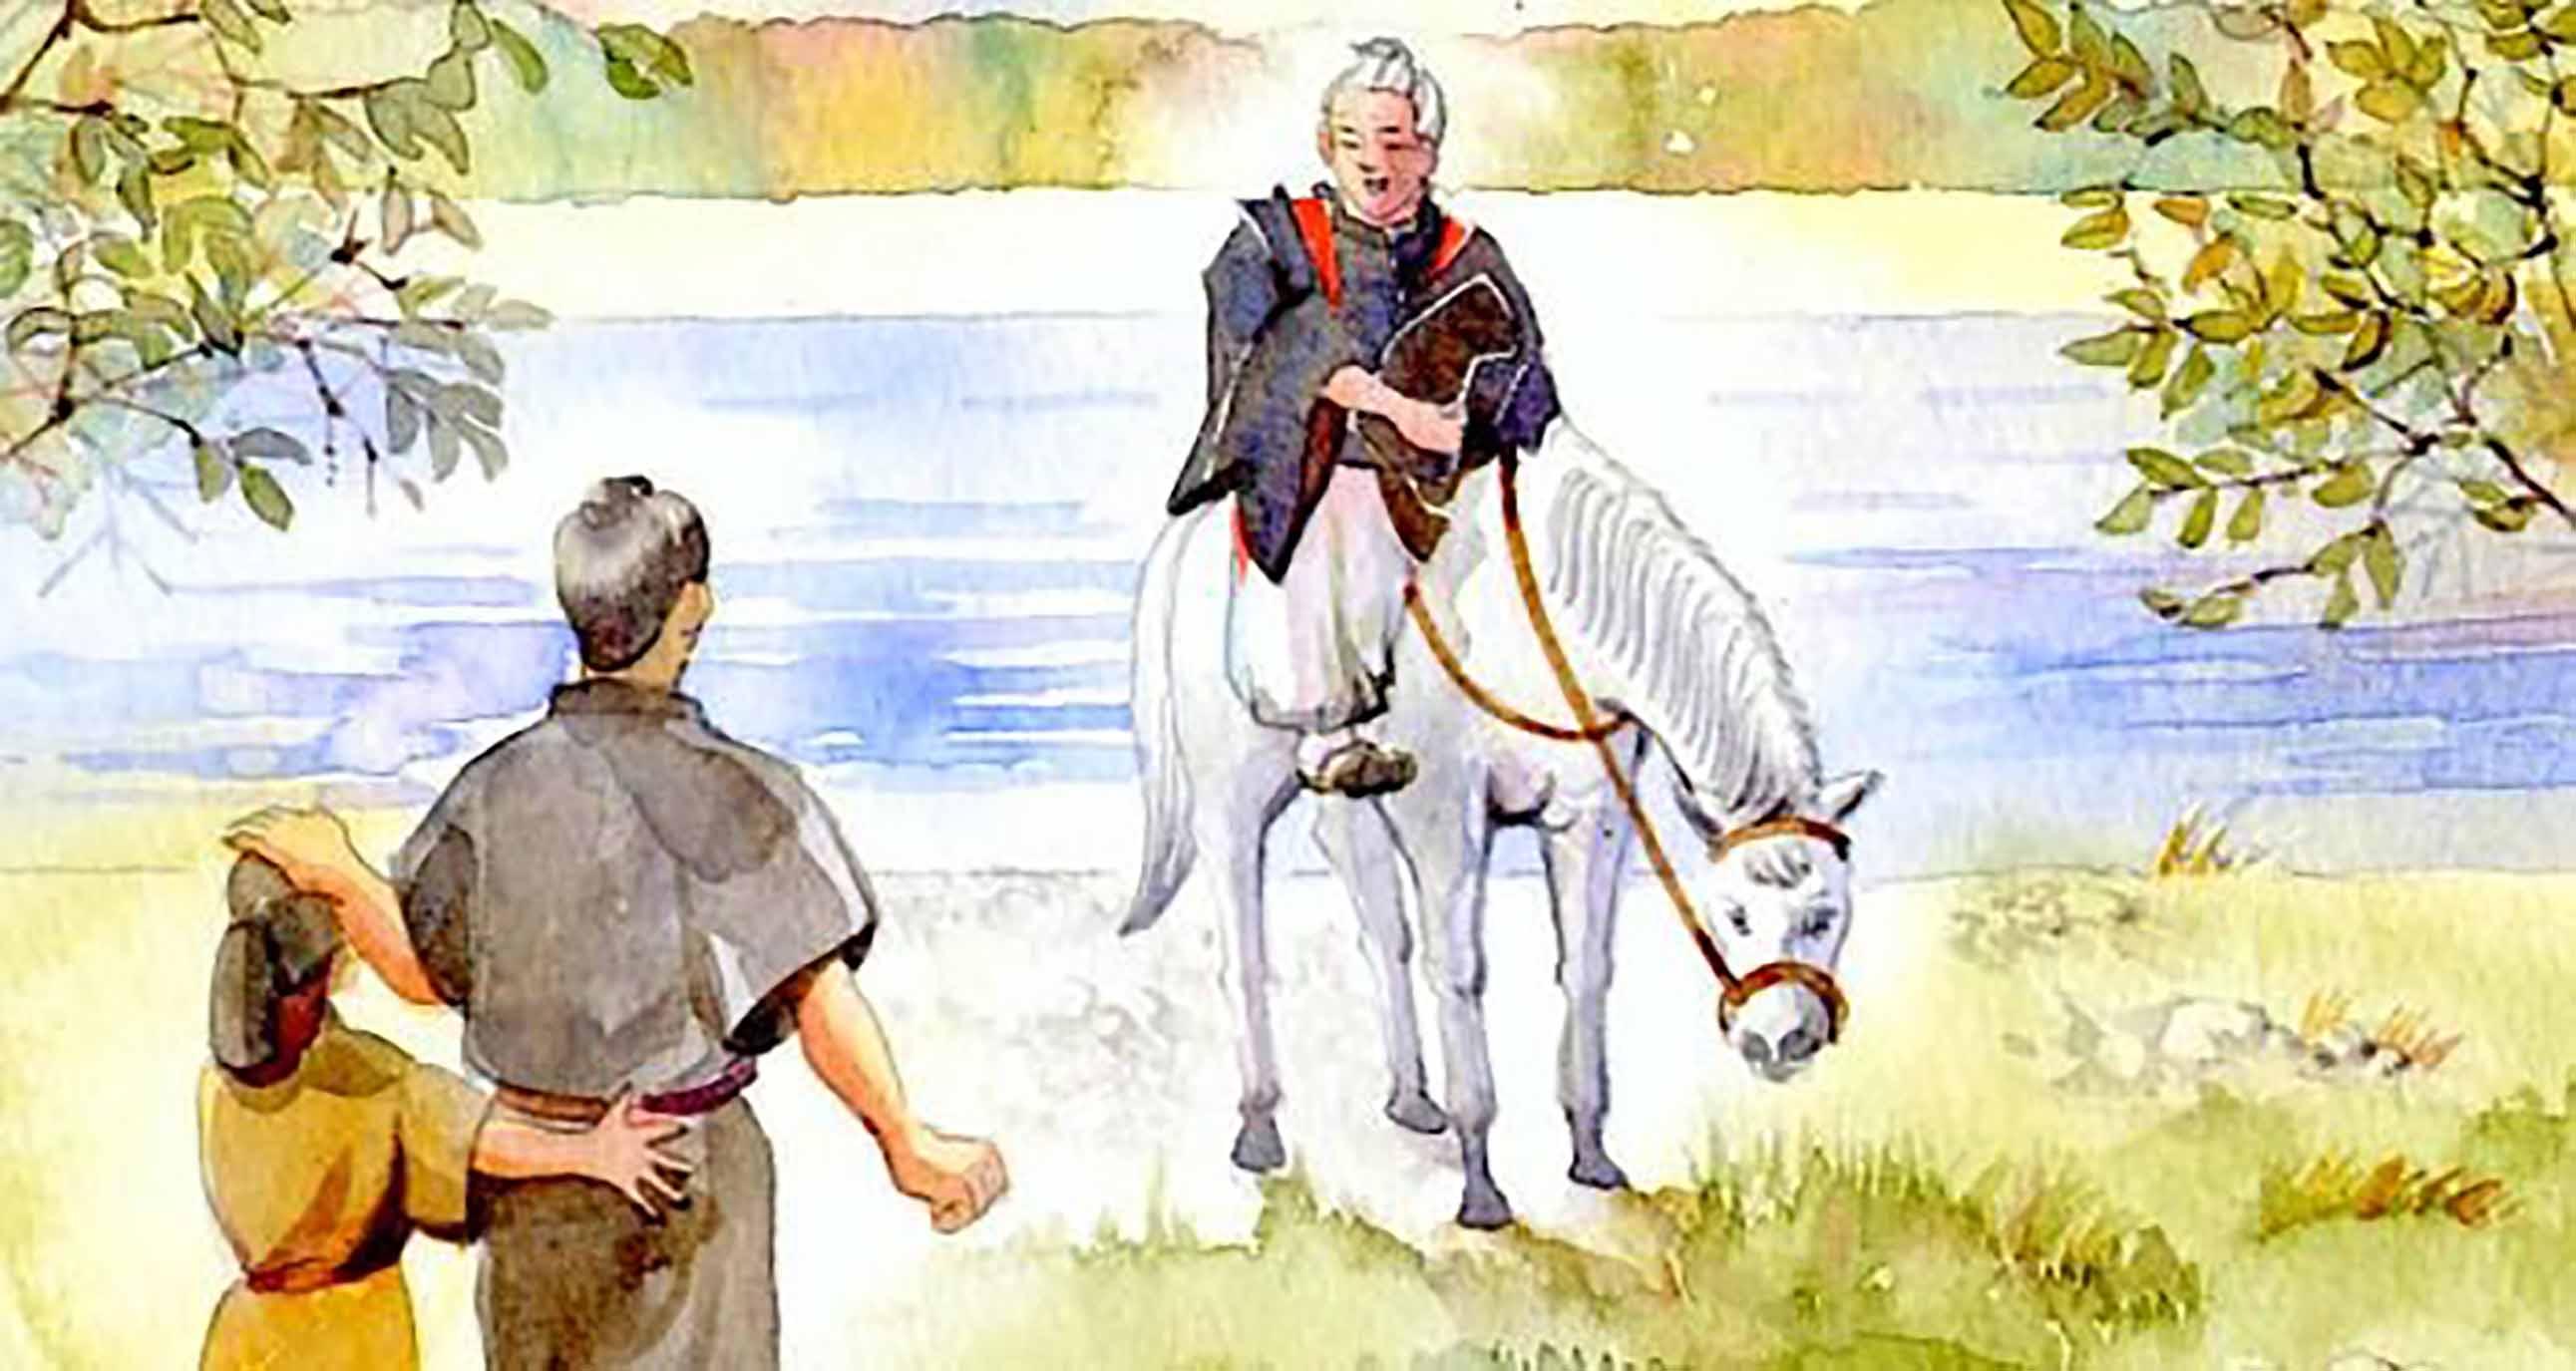 Yaşlı Adam ve Beyaz Atının Hikayesi 19